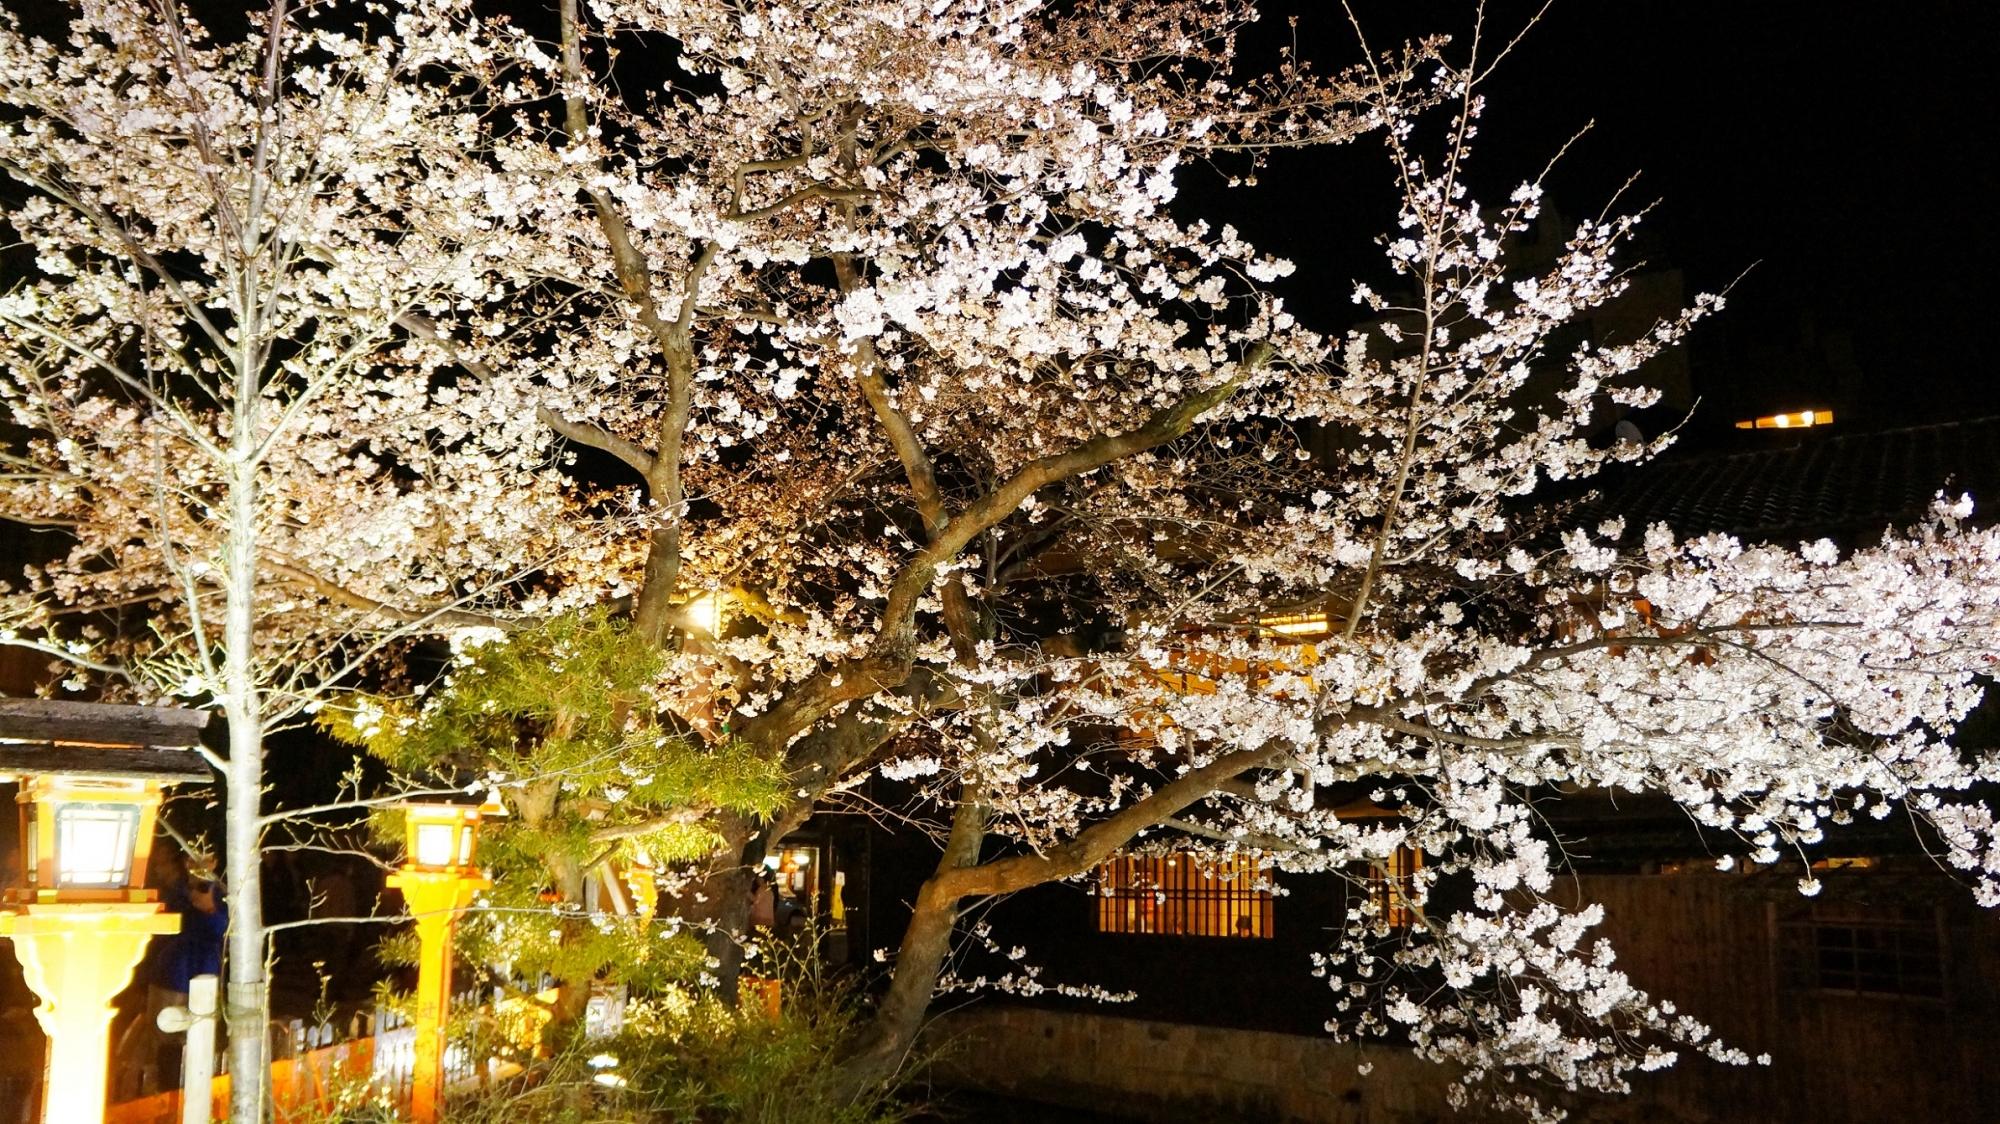 祇園白川 夜桜 ライトアップ 春 幻想的